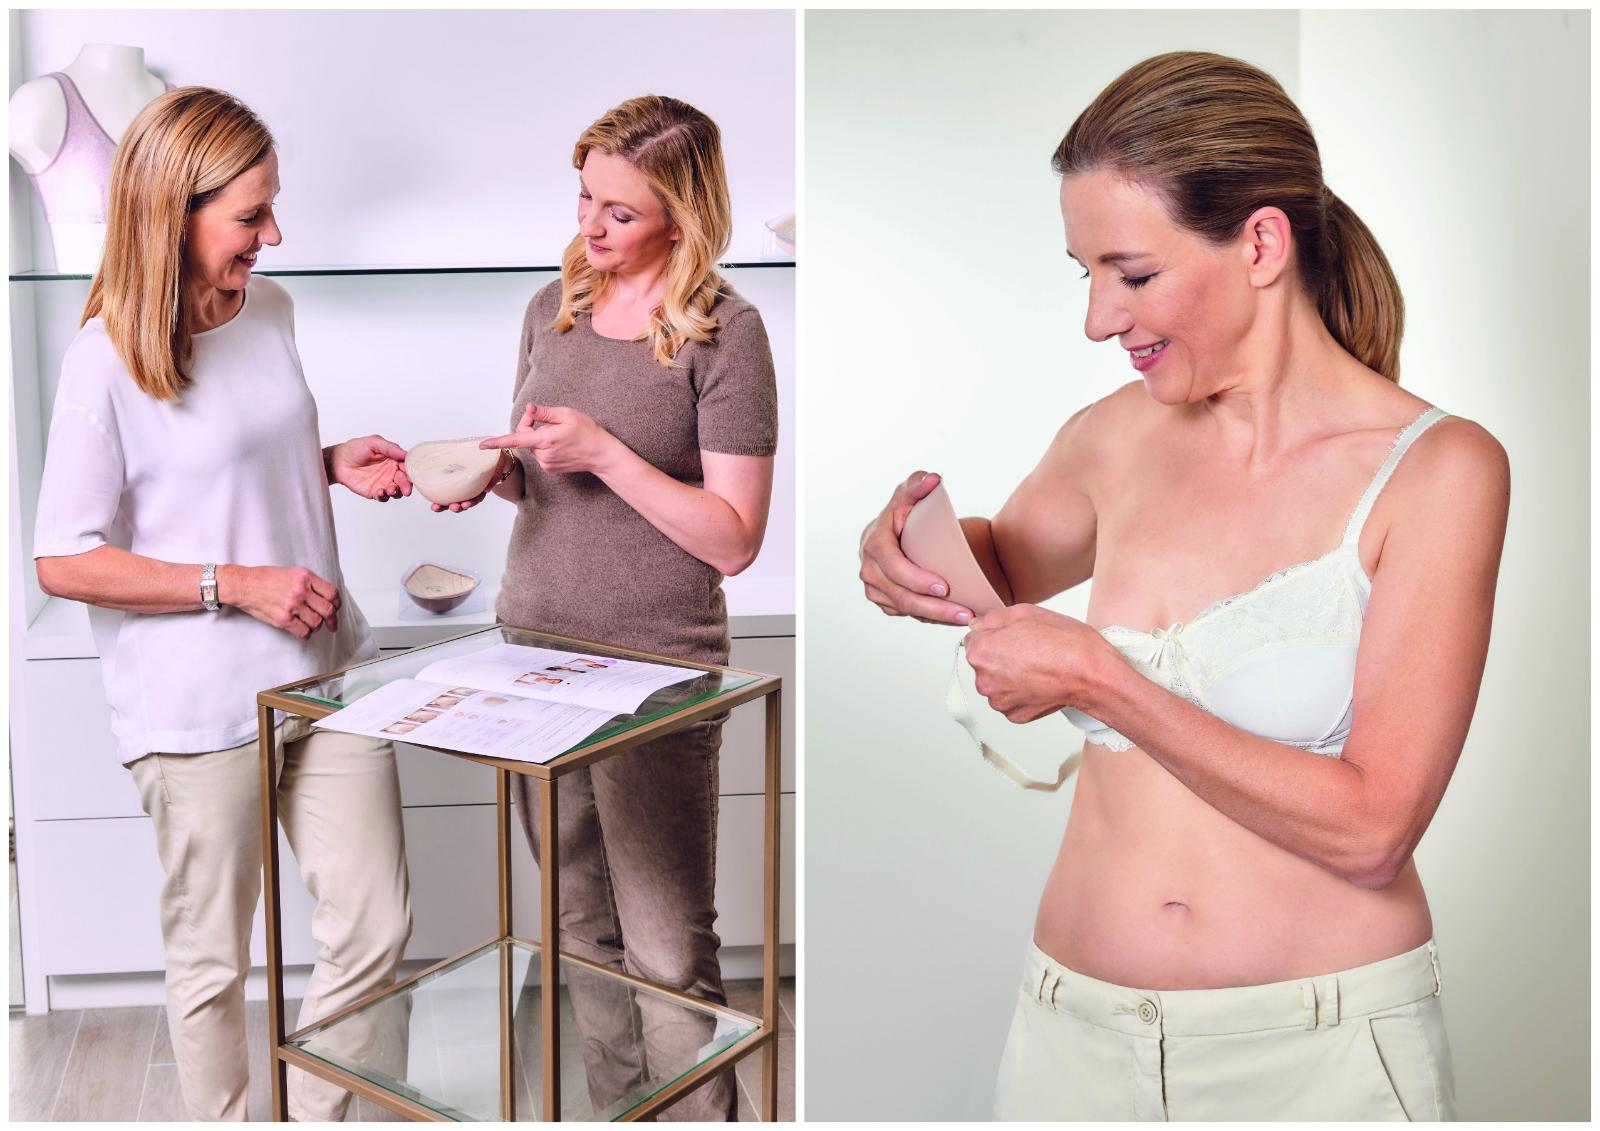 Комфорт, свобода, уверенность: как вернуть силуэт красивой груди, если вы перенесли мастэктомию или резекцию груди